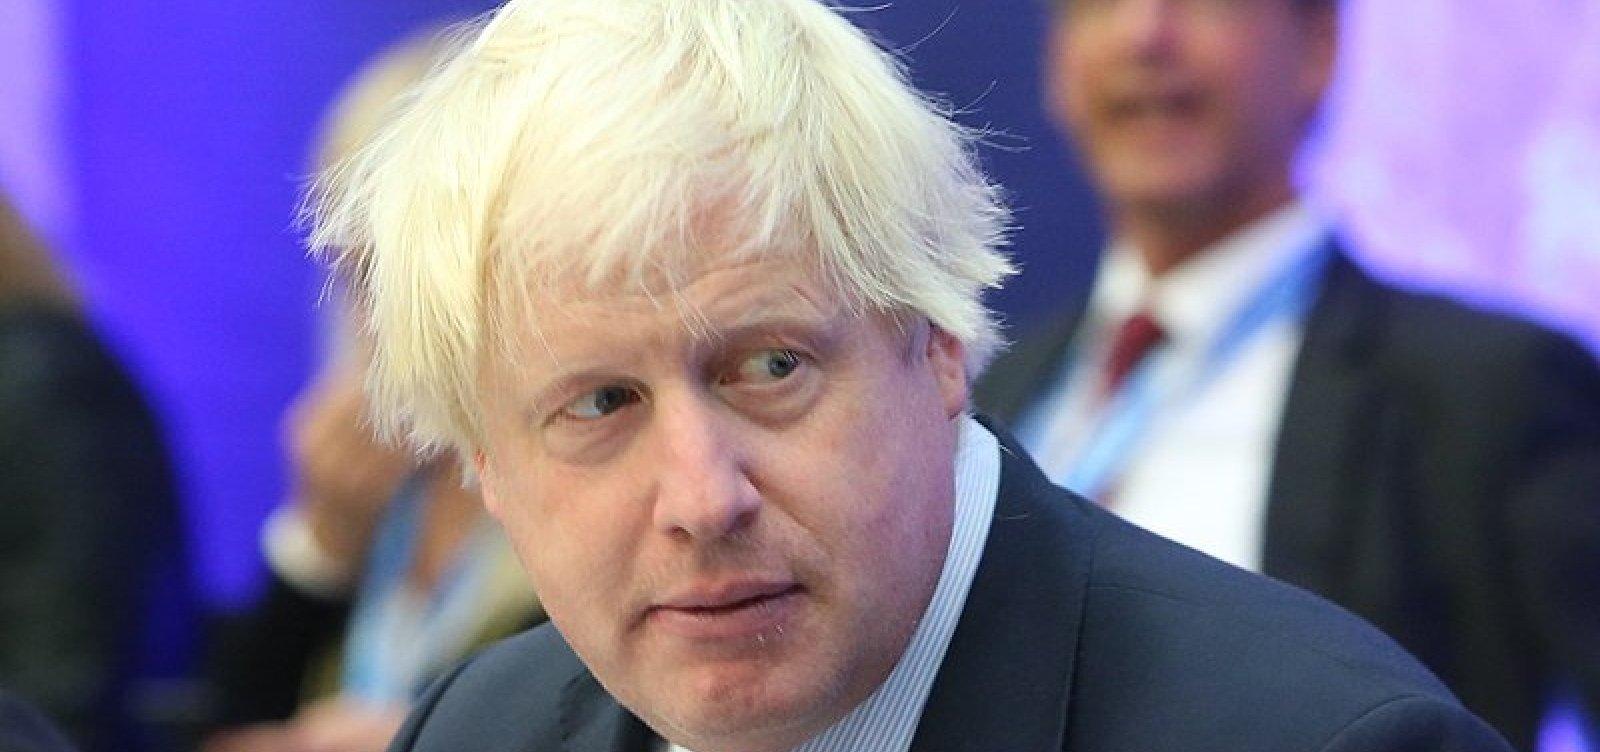 [Parlamento rejeita eleições antecipadas no Reino Unido pela segunda vez]